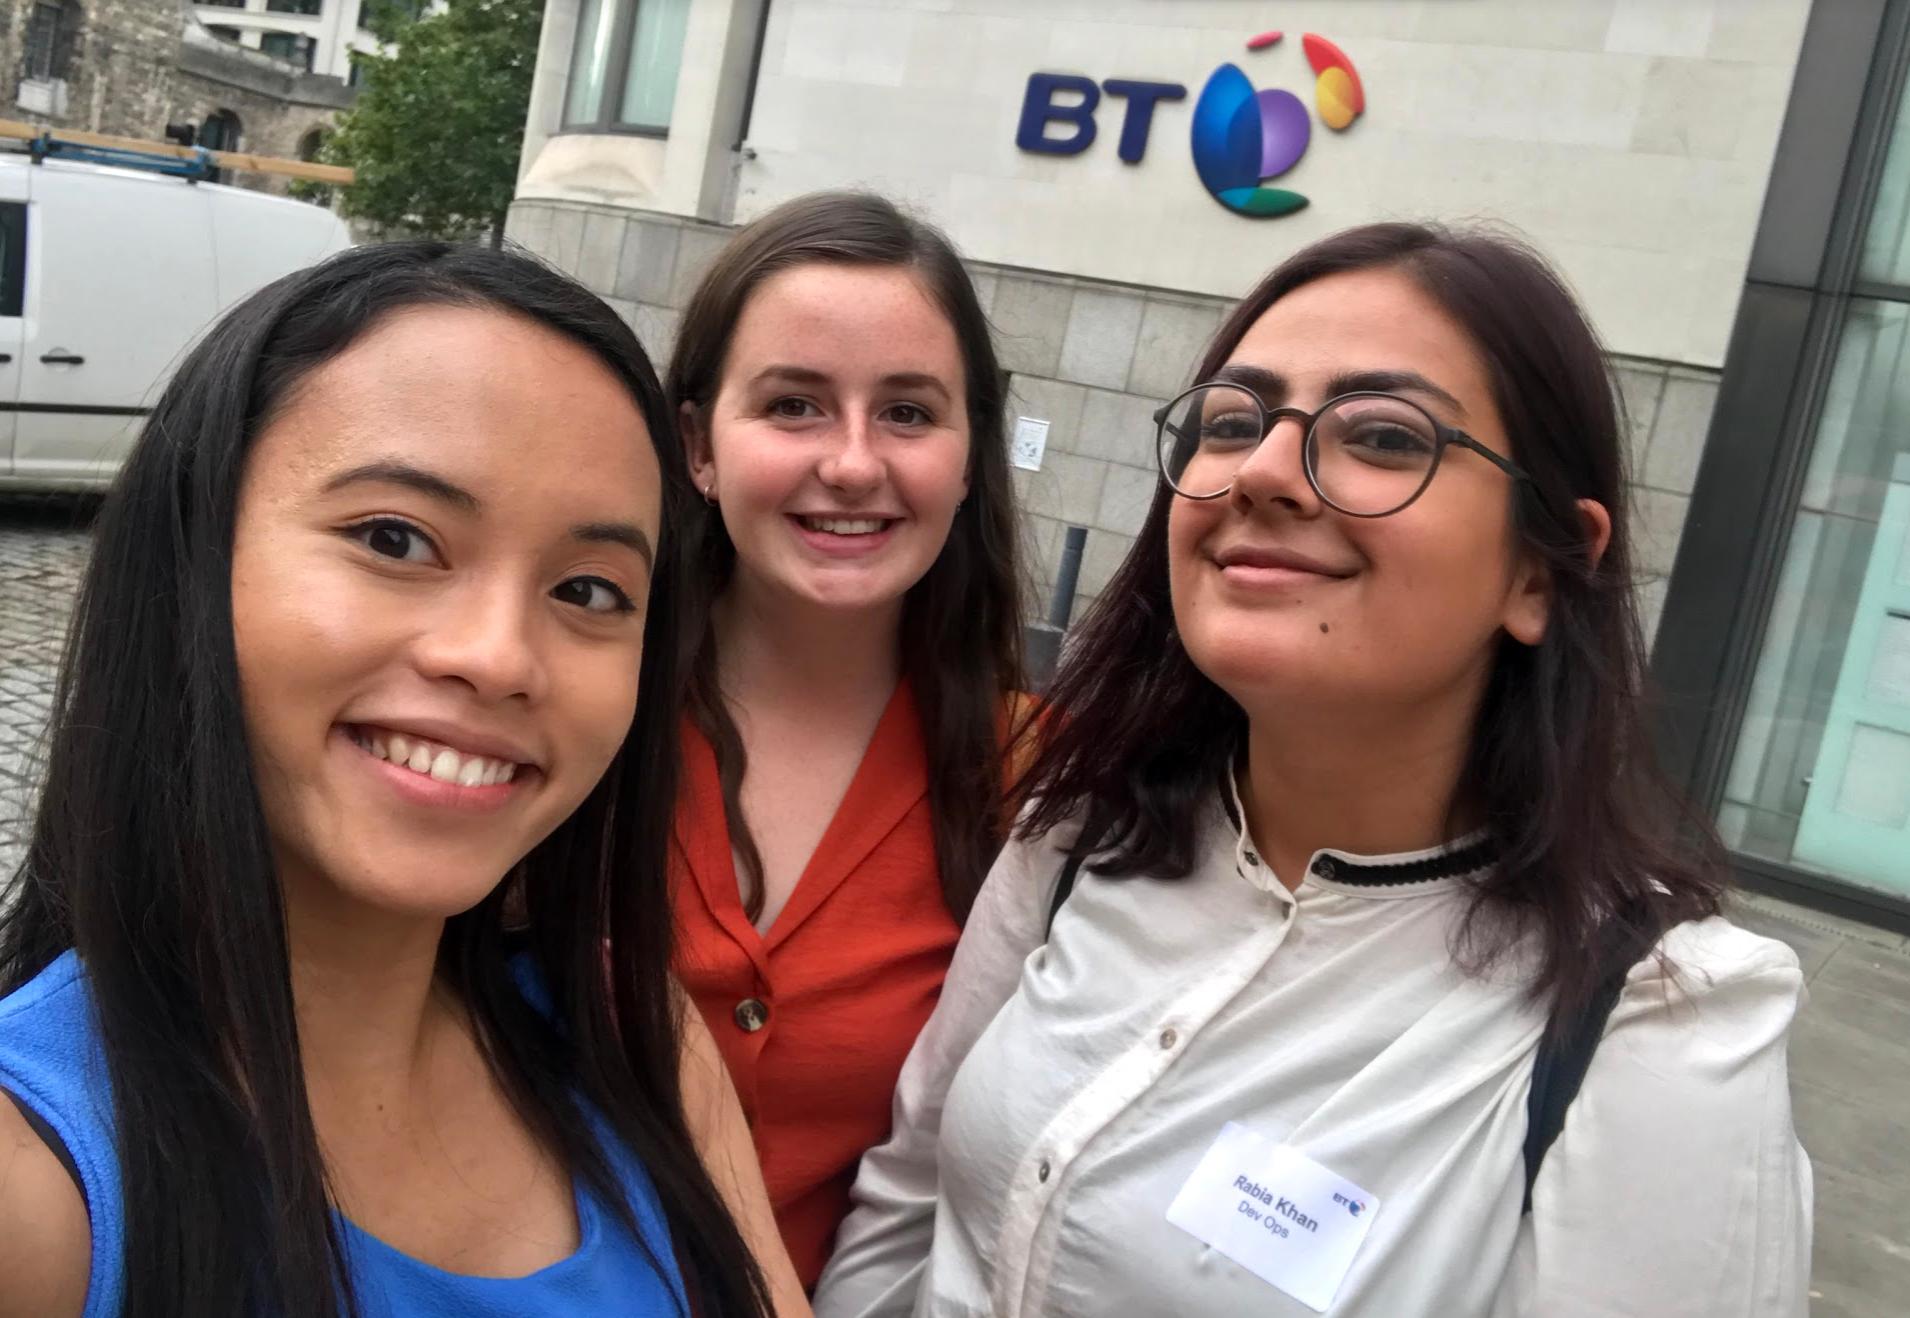 DevOps gals selfie outside BT Centre